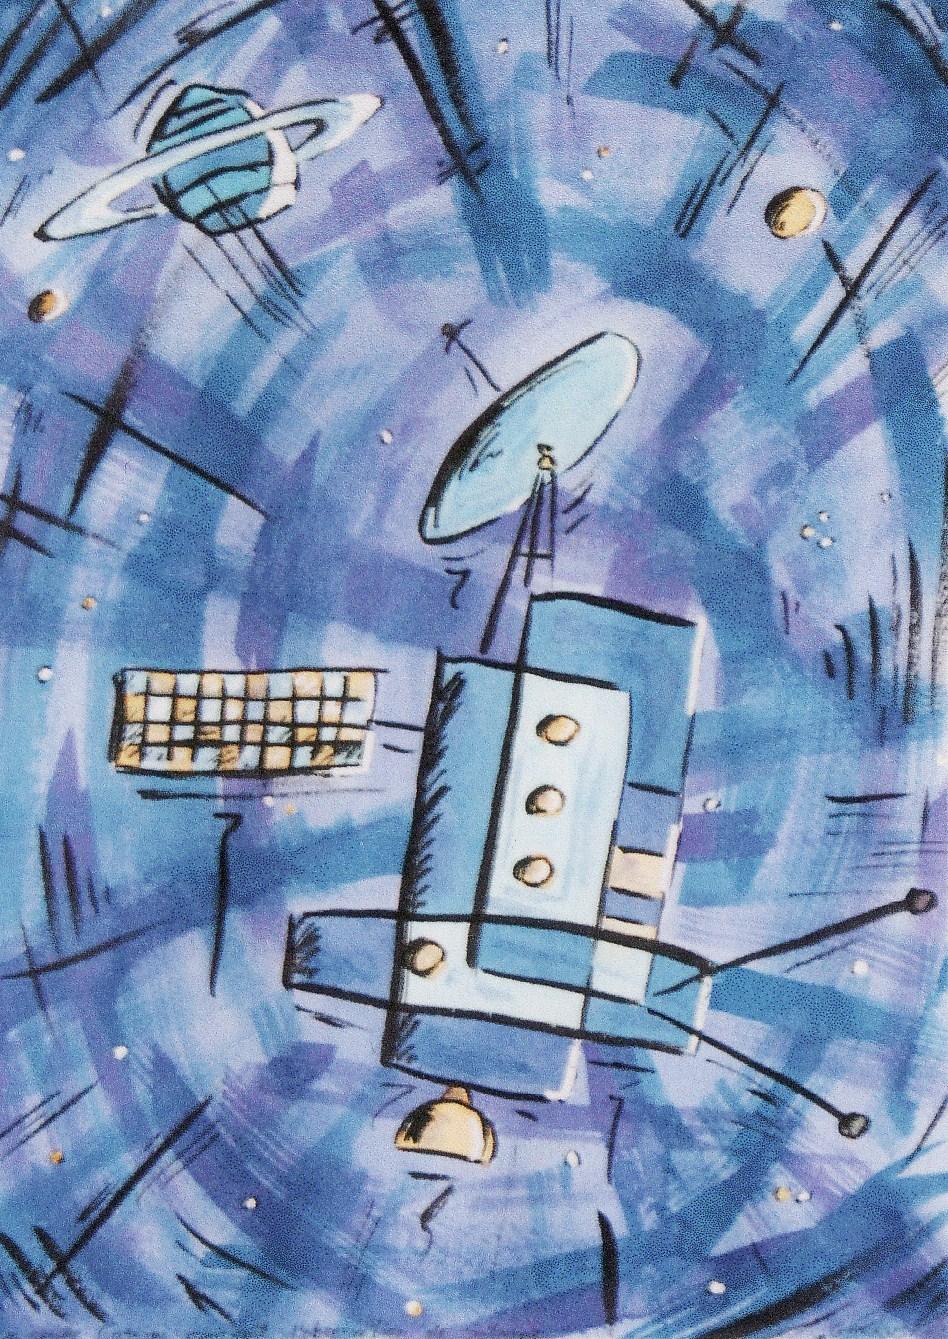 Sébastronome: Sonde spatiale - encre sur papier